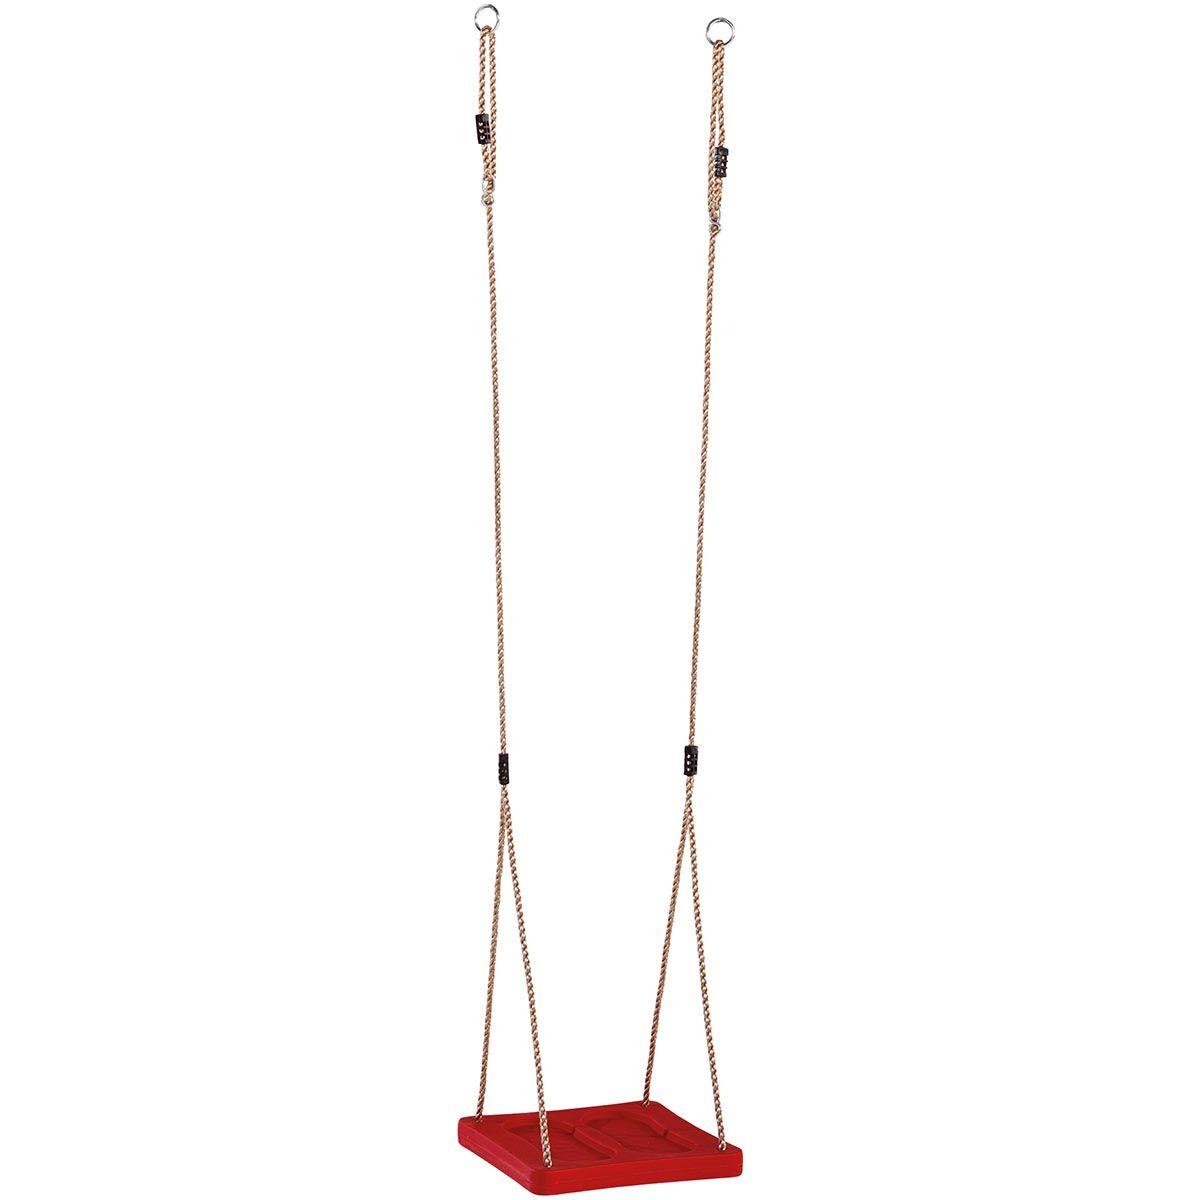 KBT Balançoire pieds en plastique rouge, 357 x 355 x 40 mm